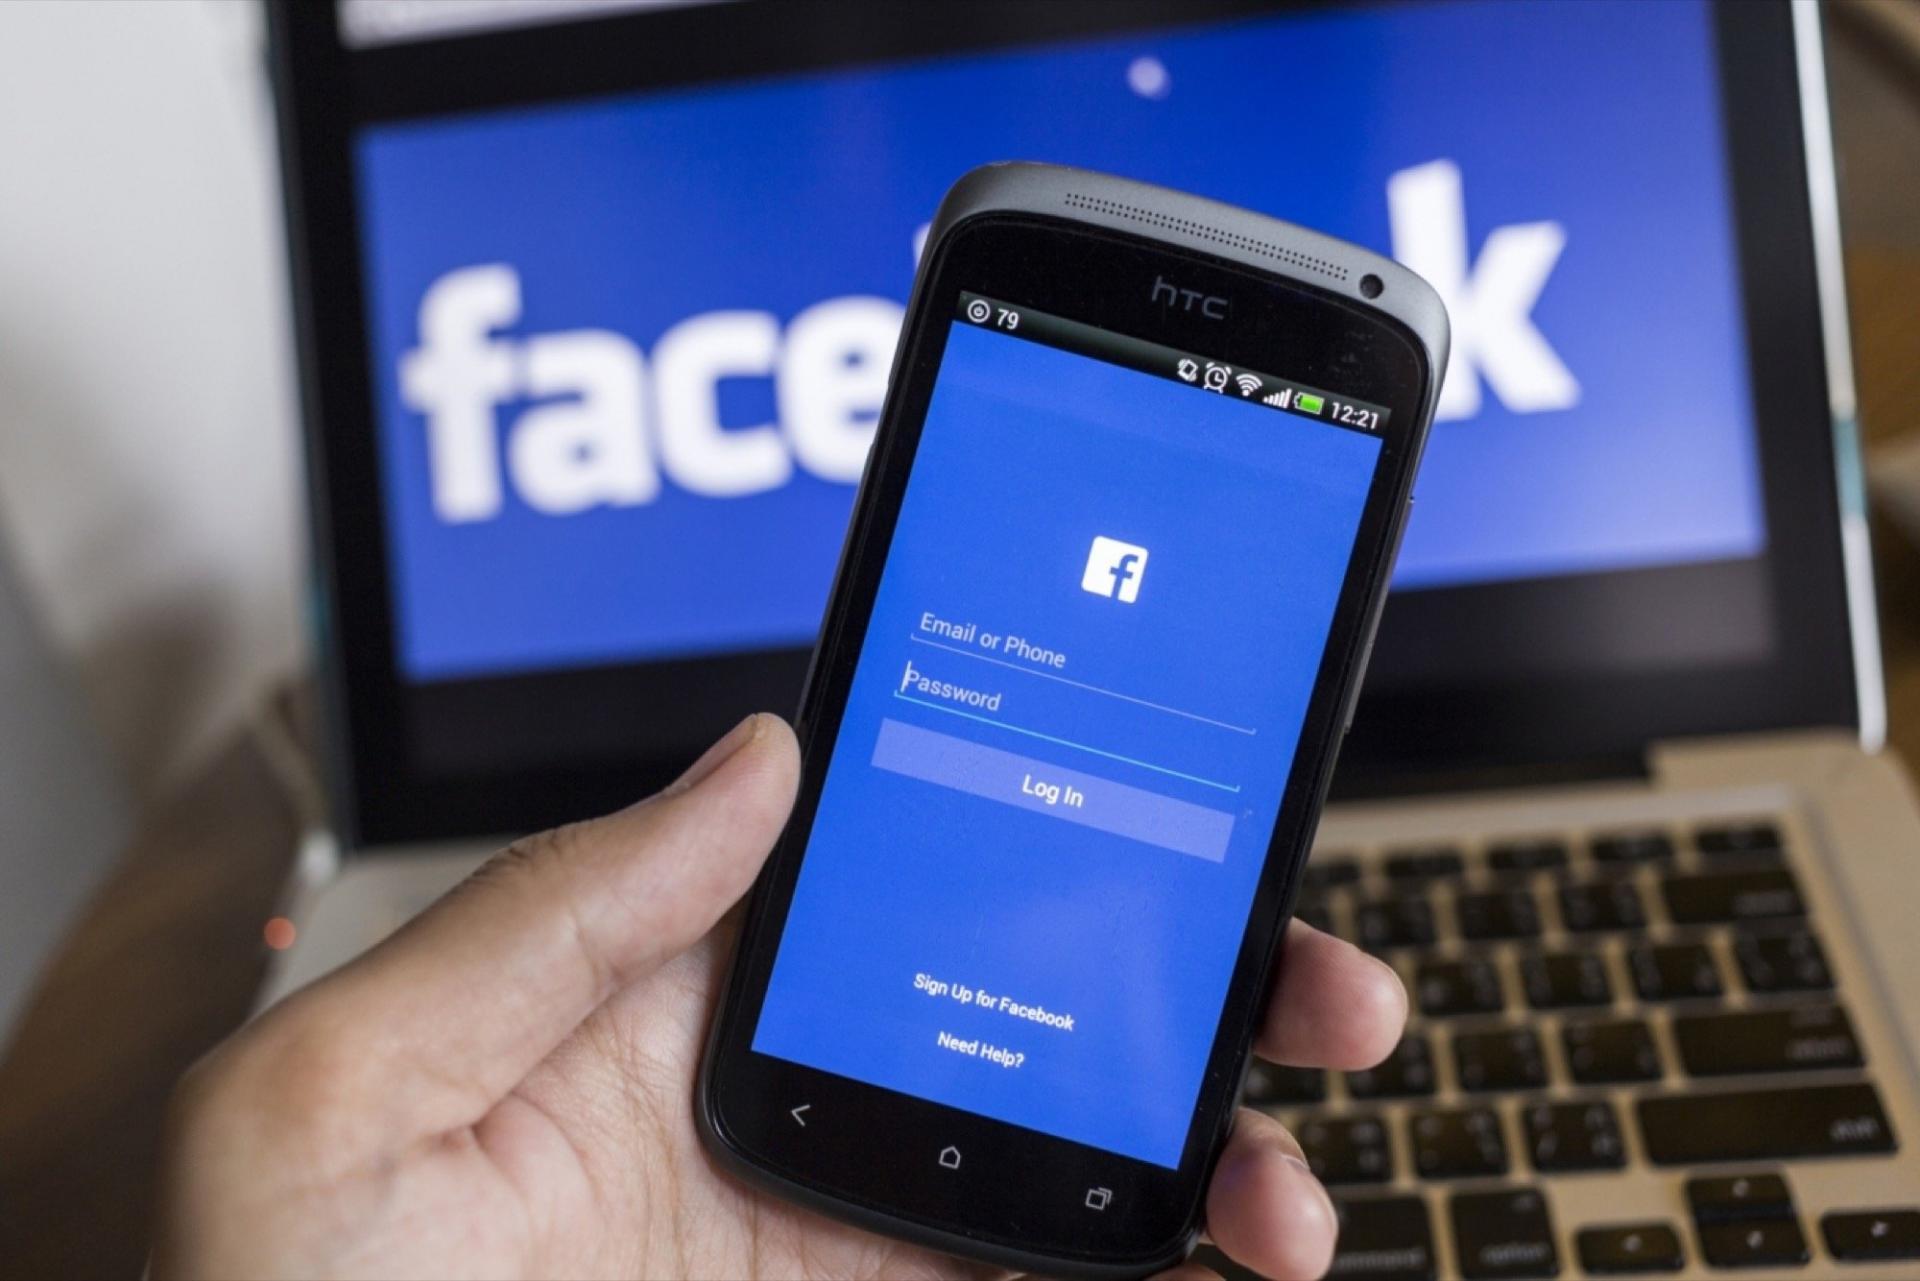 هل تصدر شركة فيسبوك هاتف ذكي قريباً ؟!